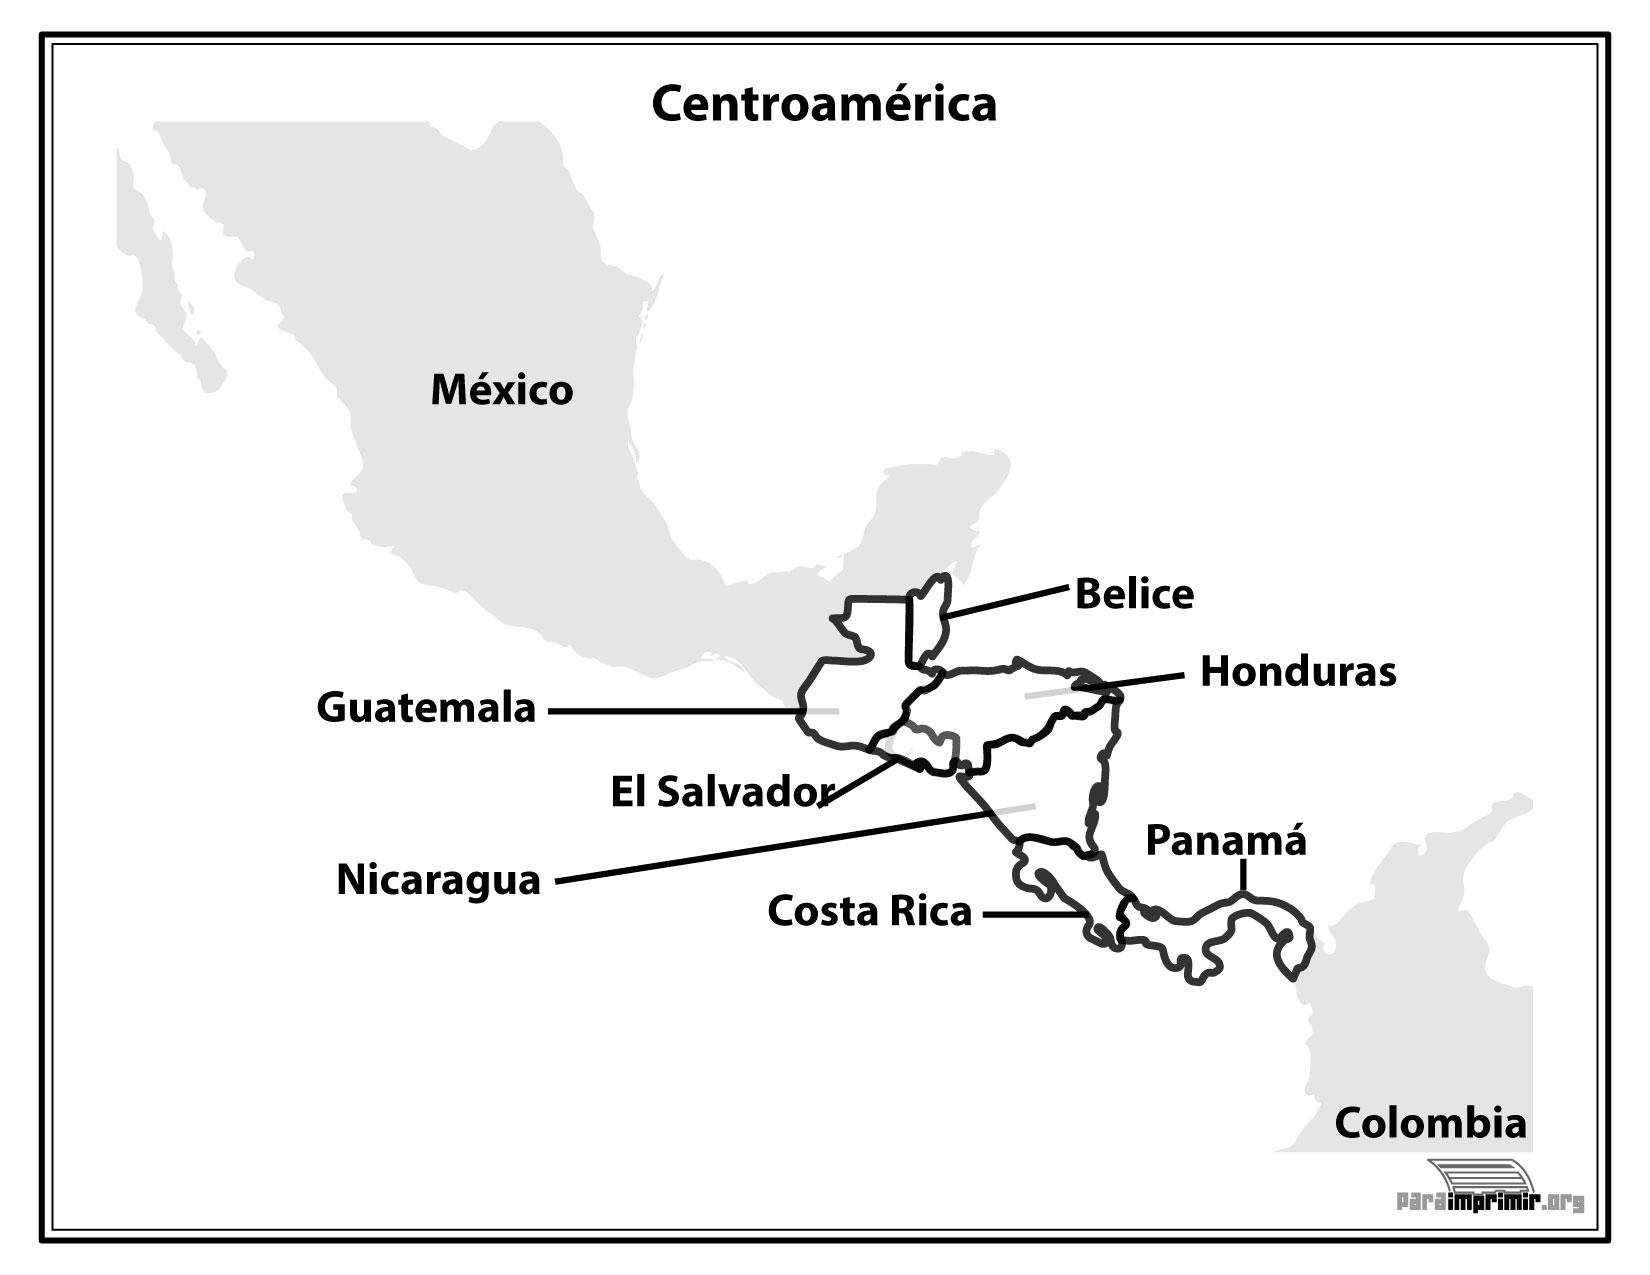 Mapa de Centroamrica con nombres para imprimir